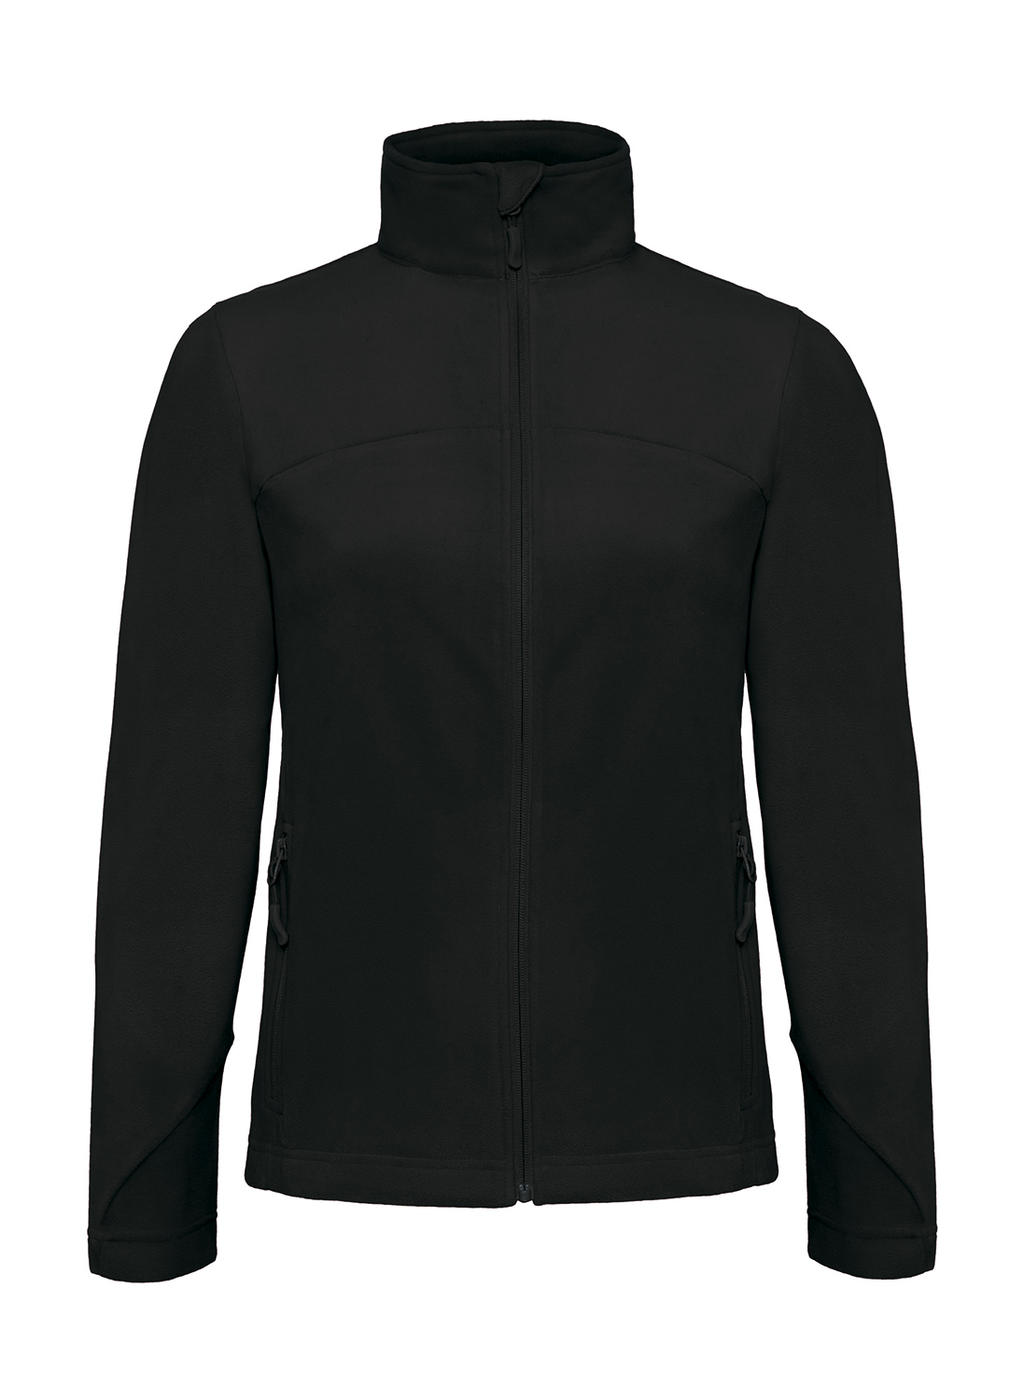 Dámská fleecová bunda Full Zip Coolstar/women - zvìtšit obrázek